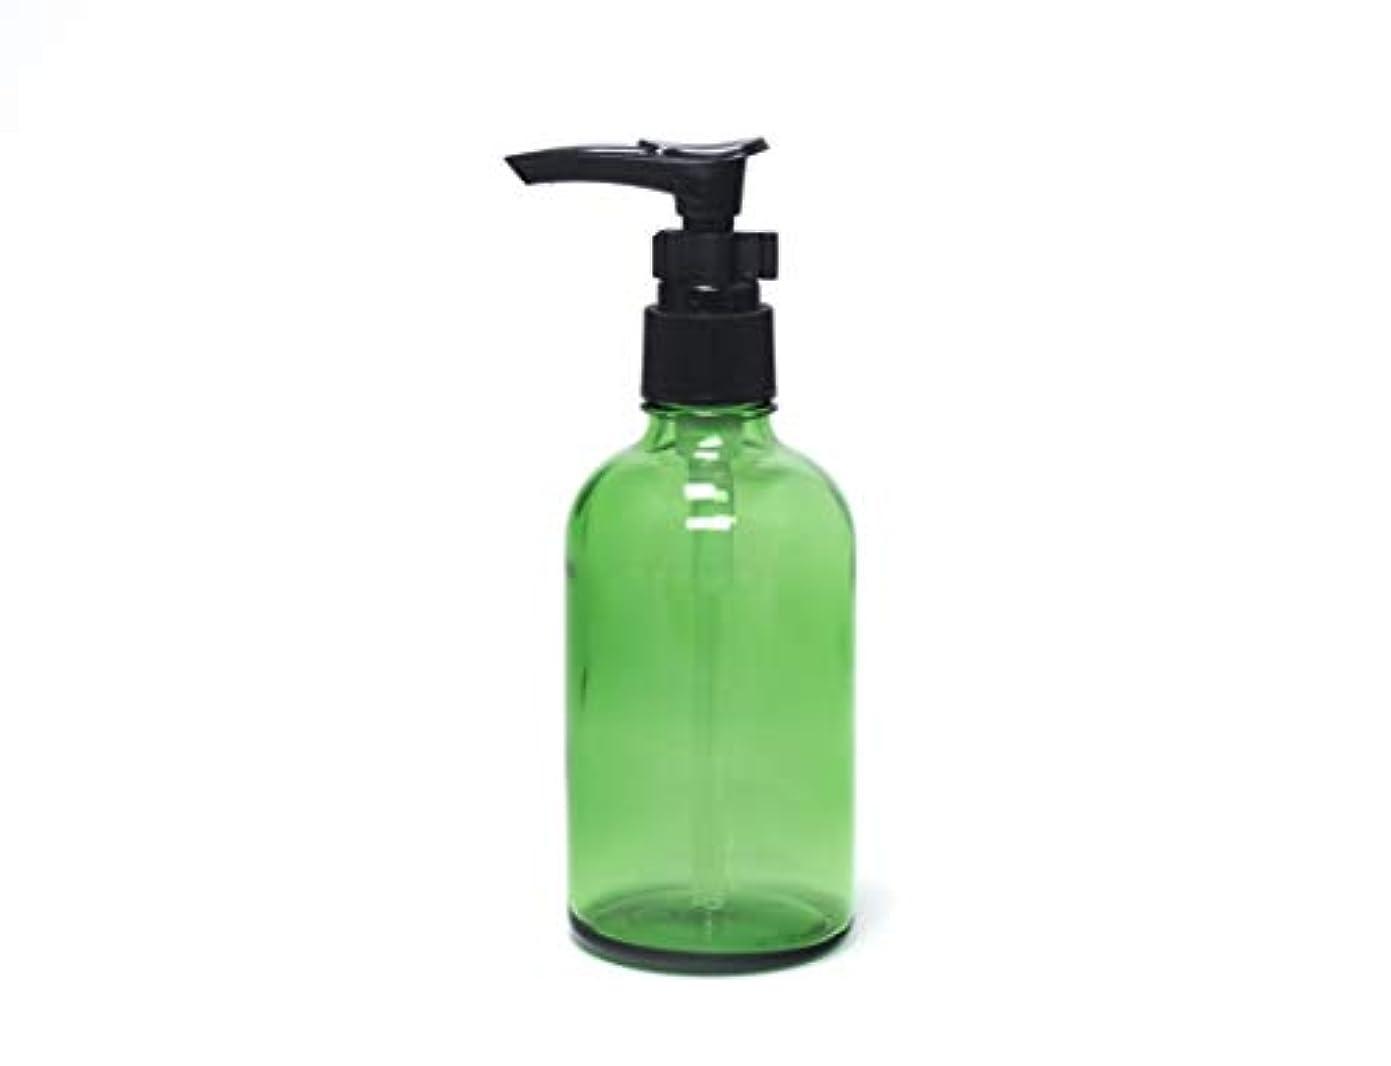 キャプテンブライイタリアのパイロット遮光瓶 ポンプボトル (硝子) 100ml / ボタニカルグリーン ? ブラックポンプヘッド × 1本